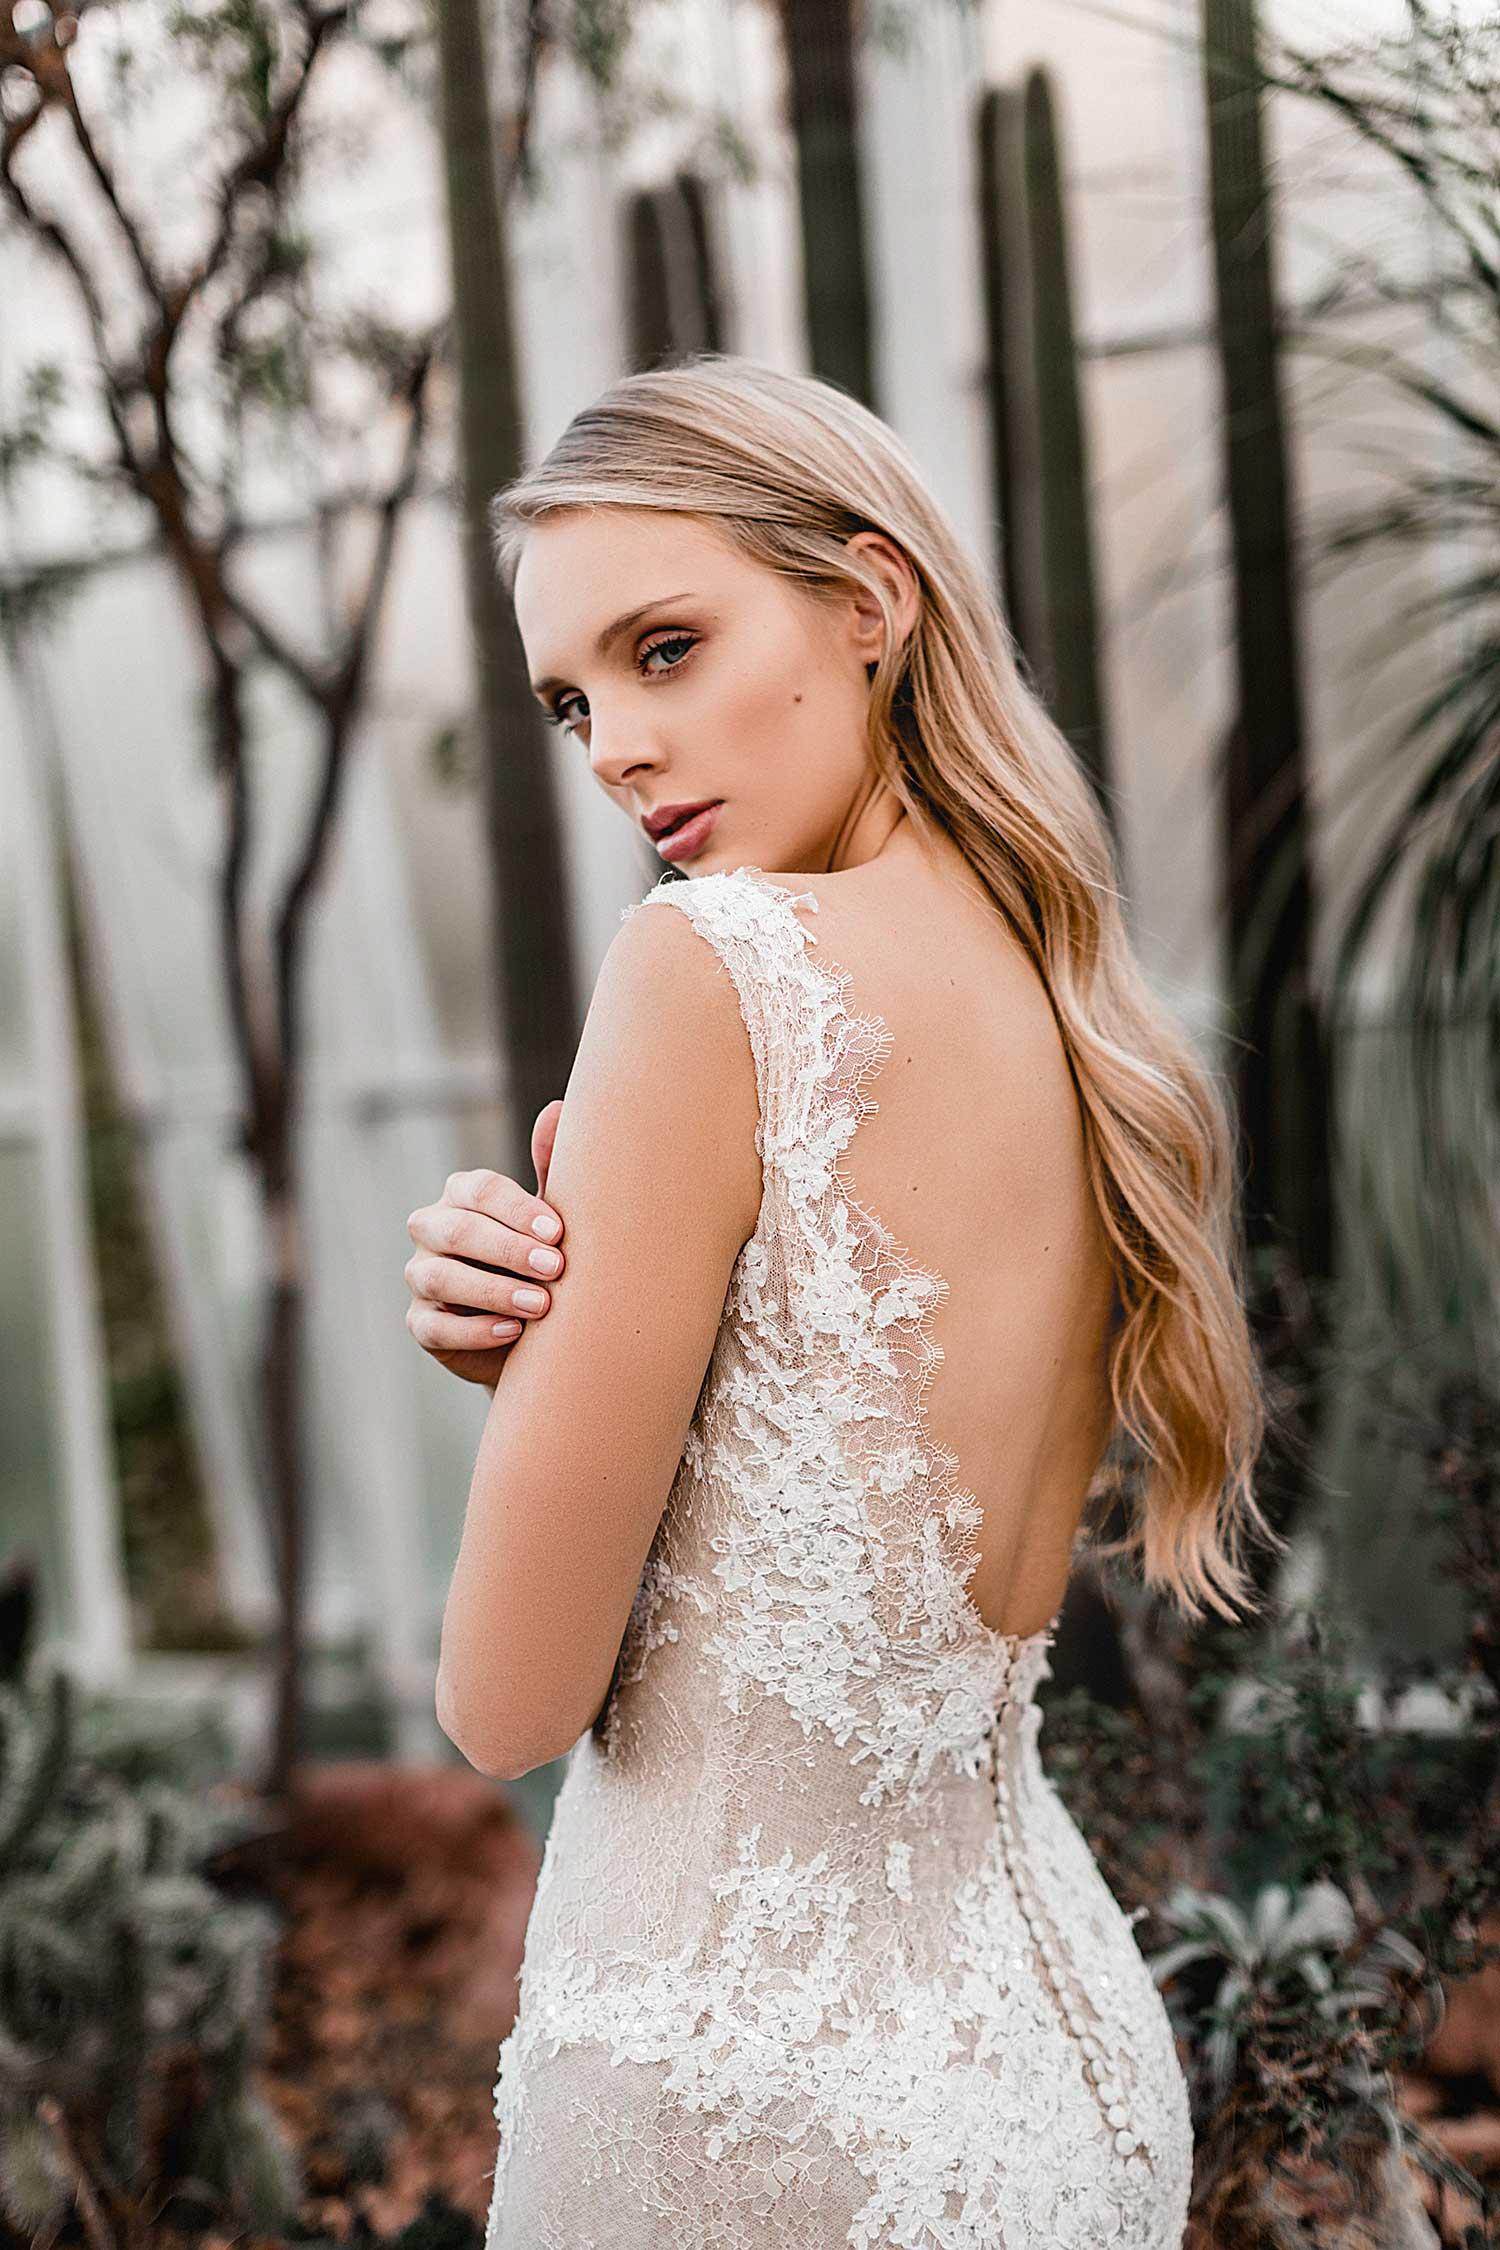 Lovely bridal portrait in the Palmgarten